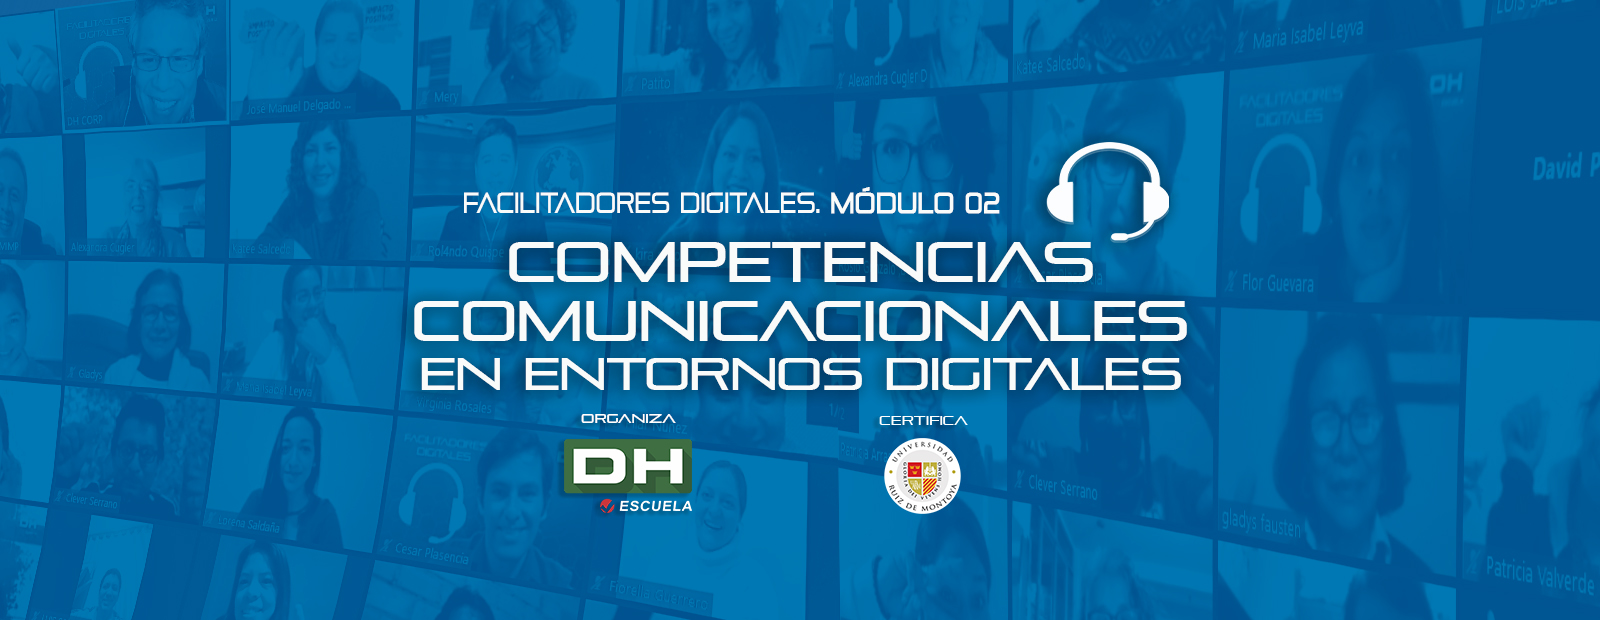 Módulo 02 COMPETENCIAS COMUNICACIONALES Y ENTORNOS DIGITALES